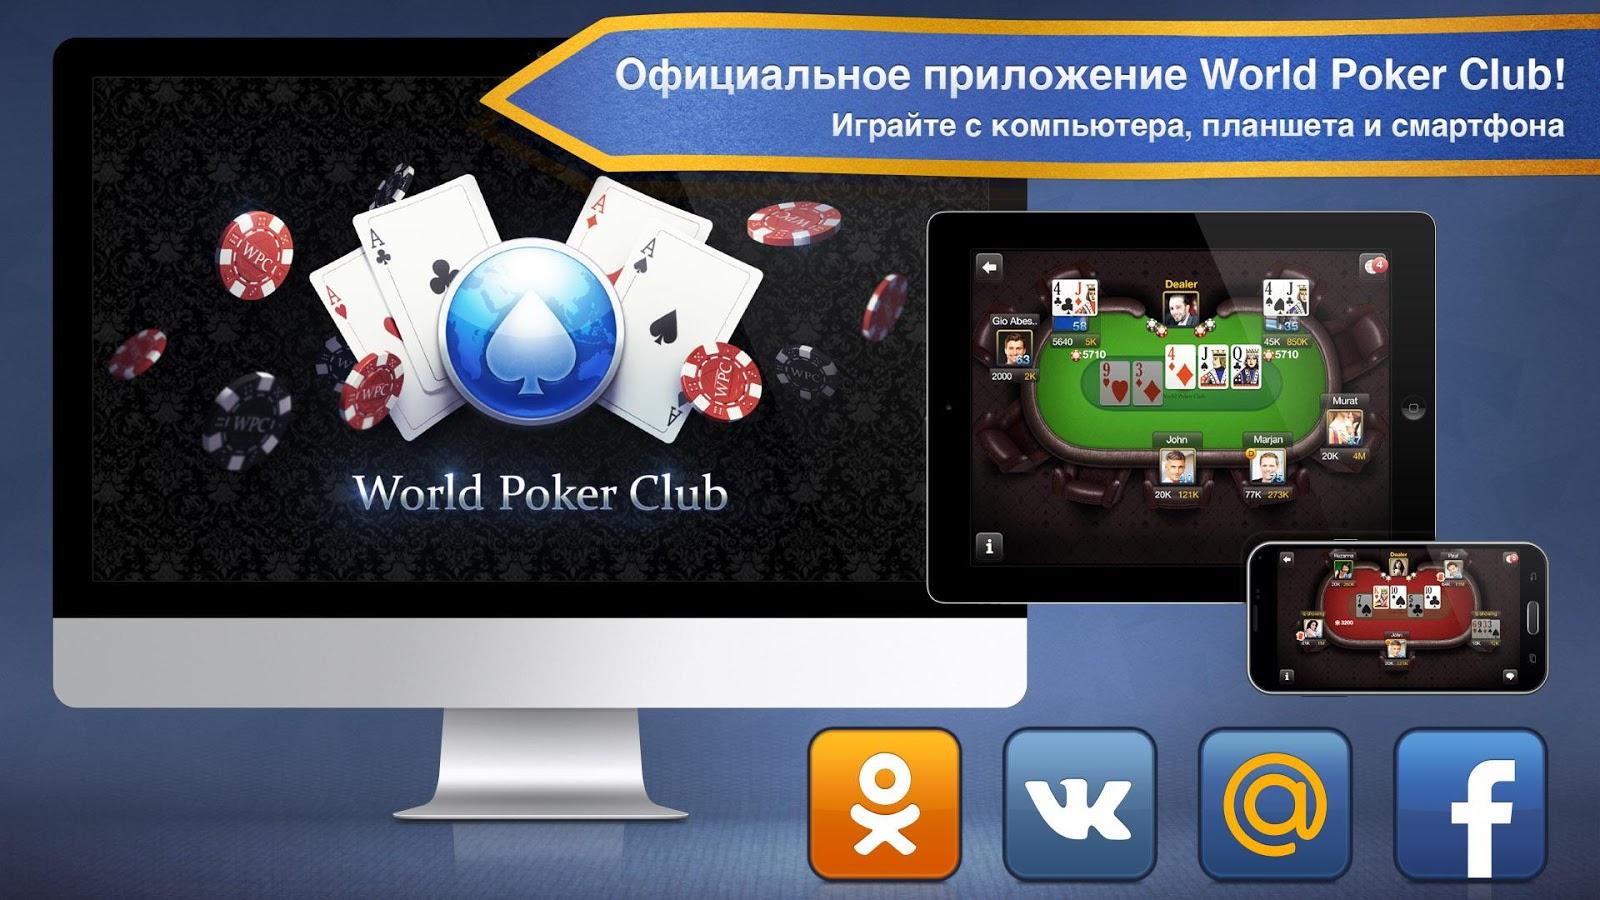 World poker club играть онлайн бесплатно без регистрации.